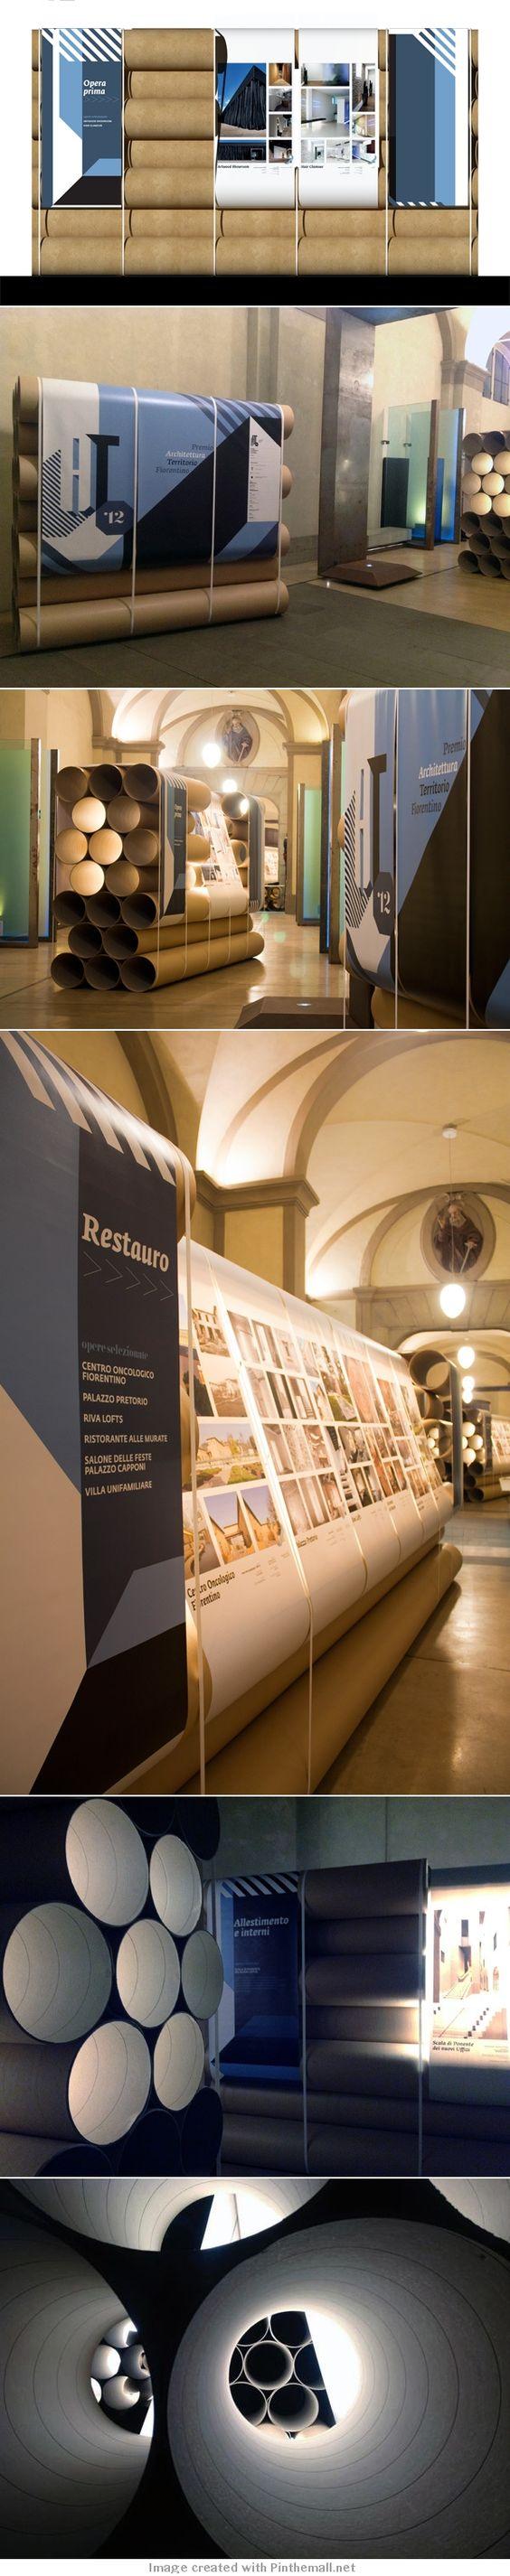 Instalaciones para exposiciones de Fotografía